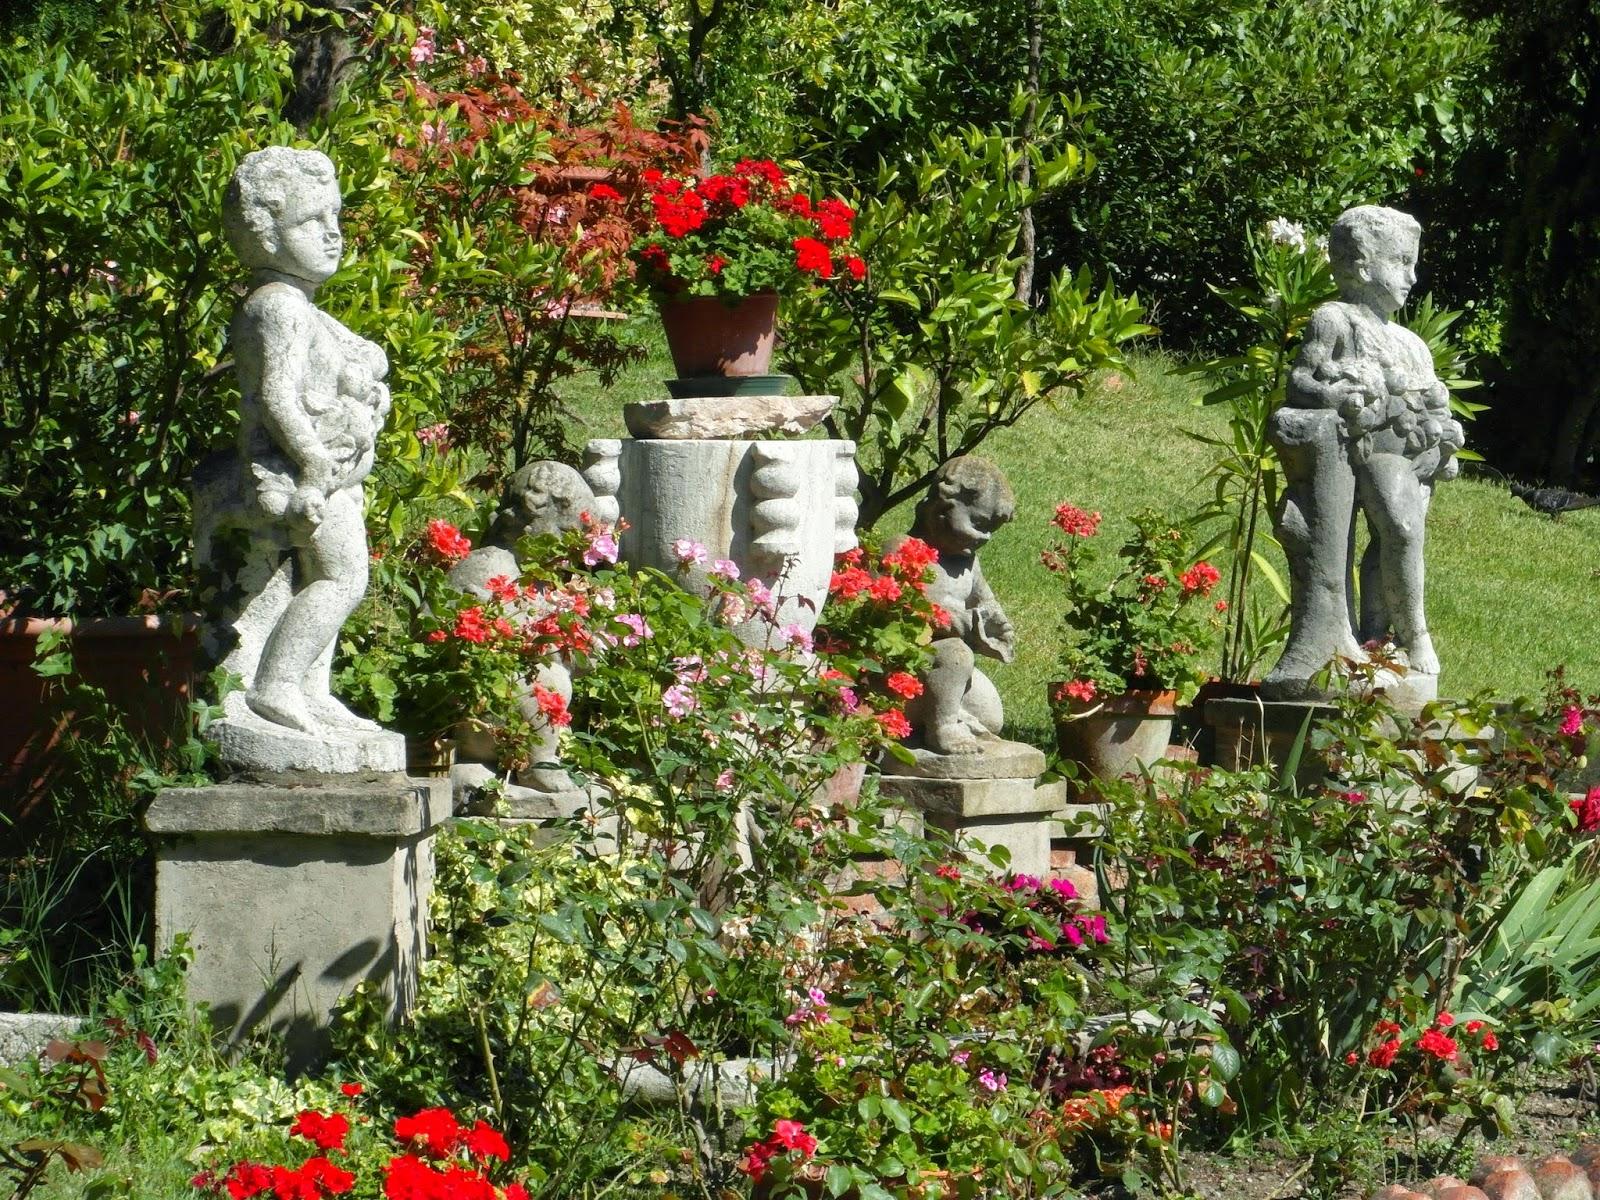 The garden of the Ca' Zenobio in Venice.